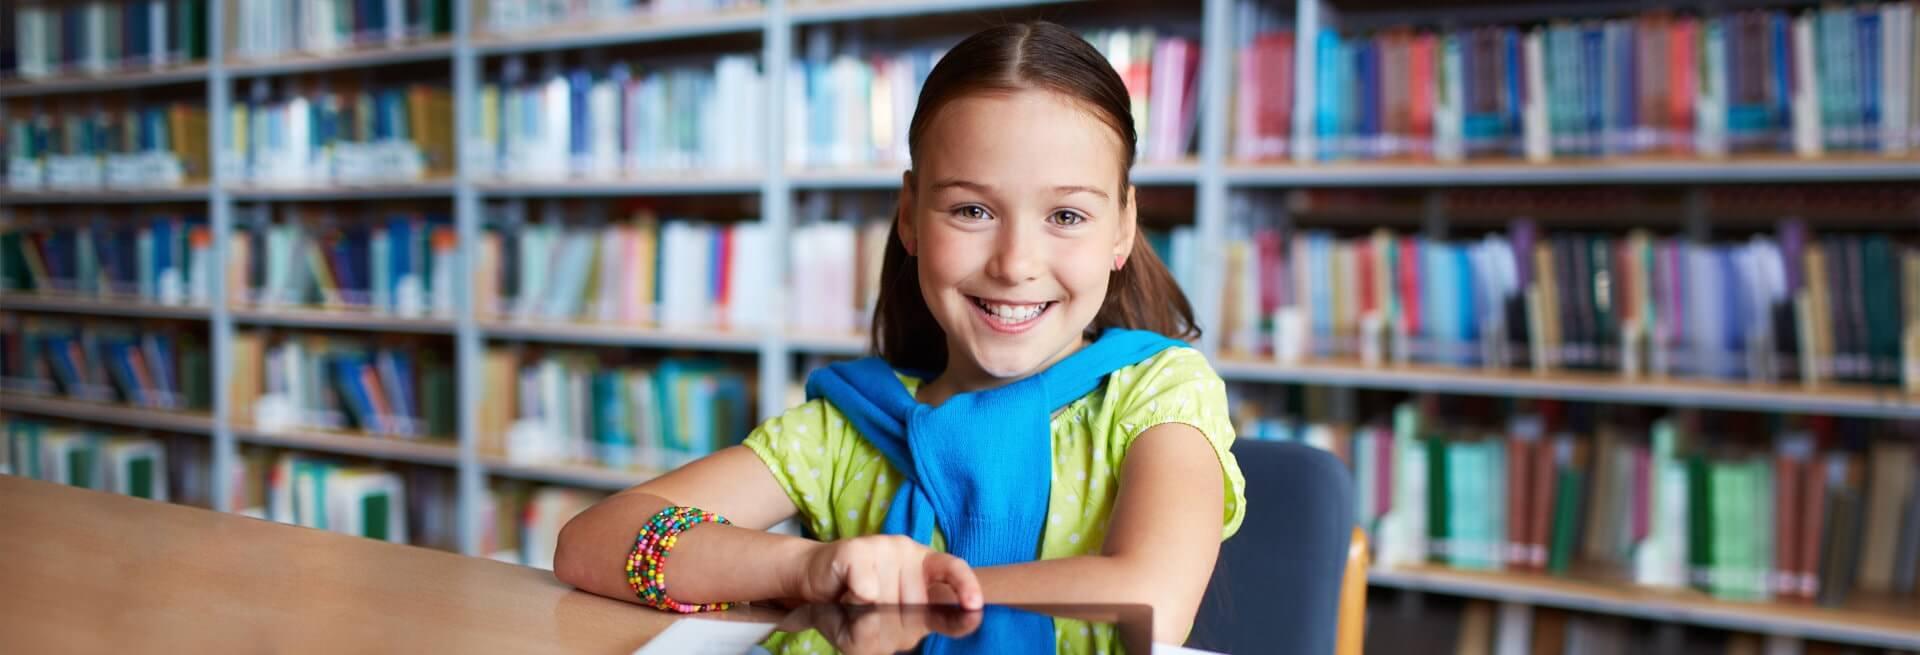 Escola Mágica | Aceder aos conteúdos